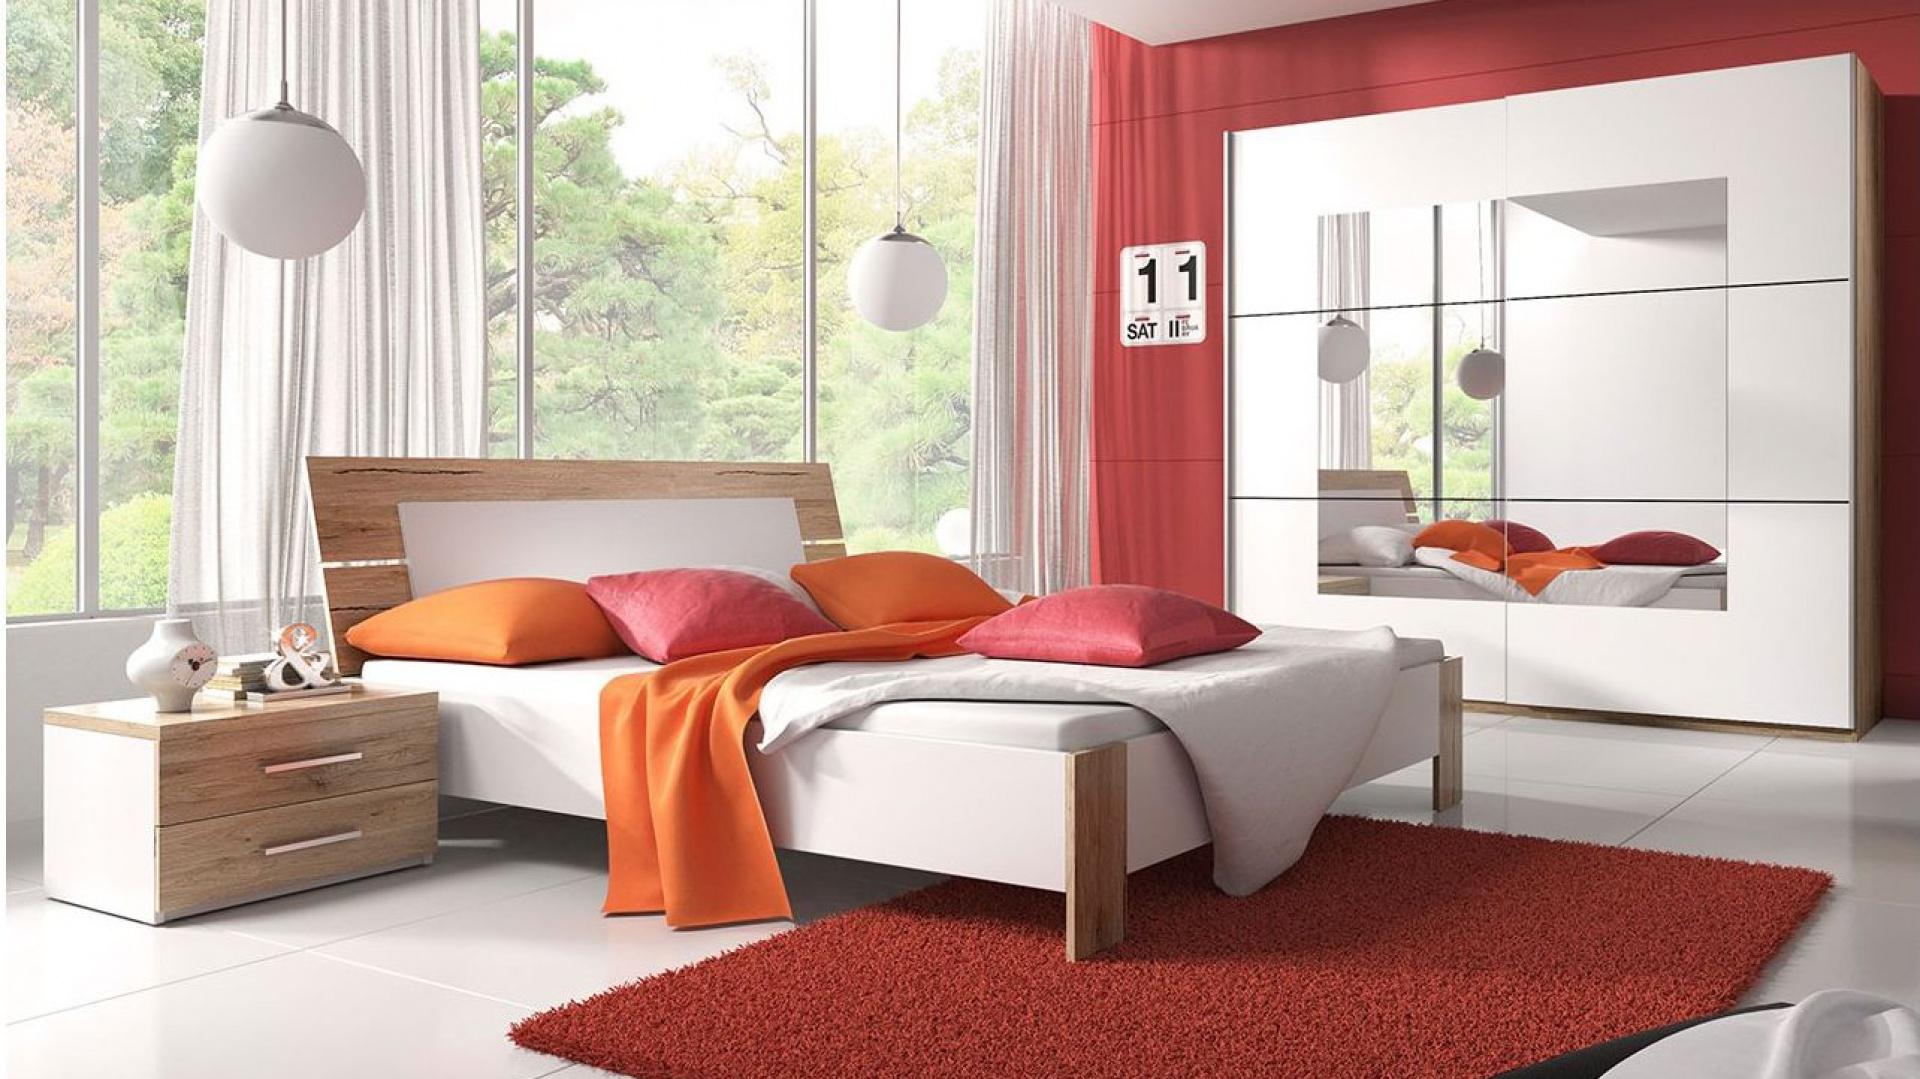 Kolor W Sypialni Tak Ożywisz Wnętrze